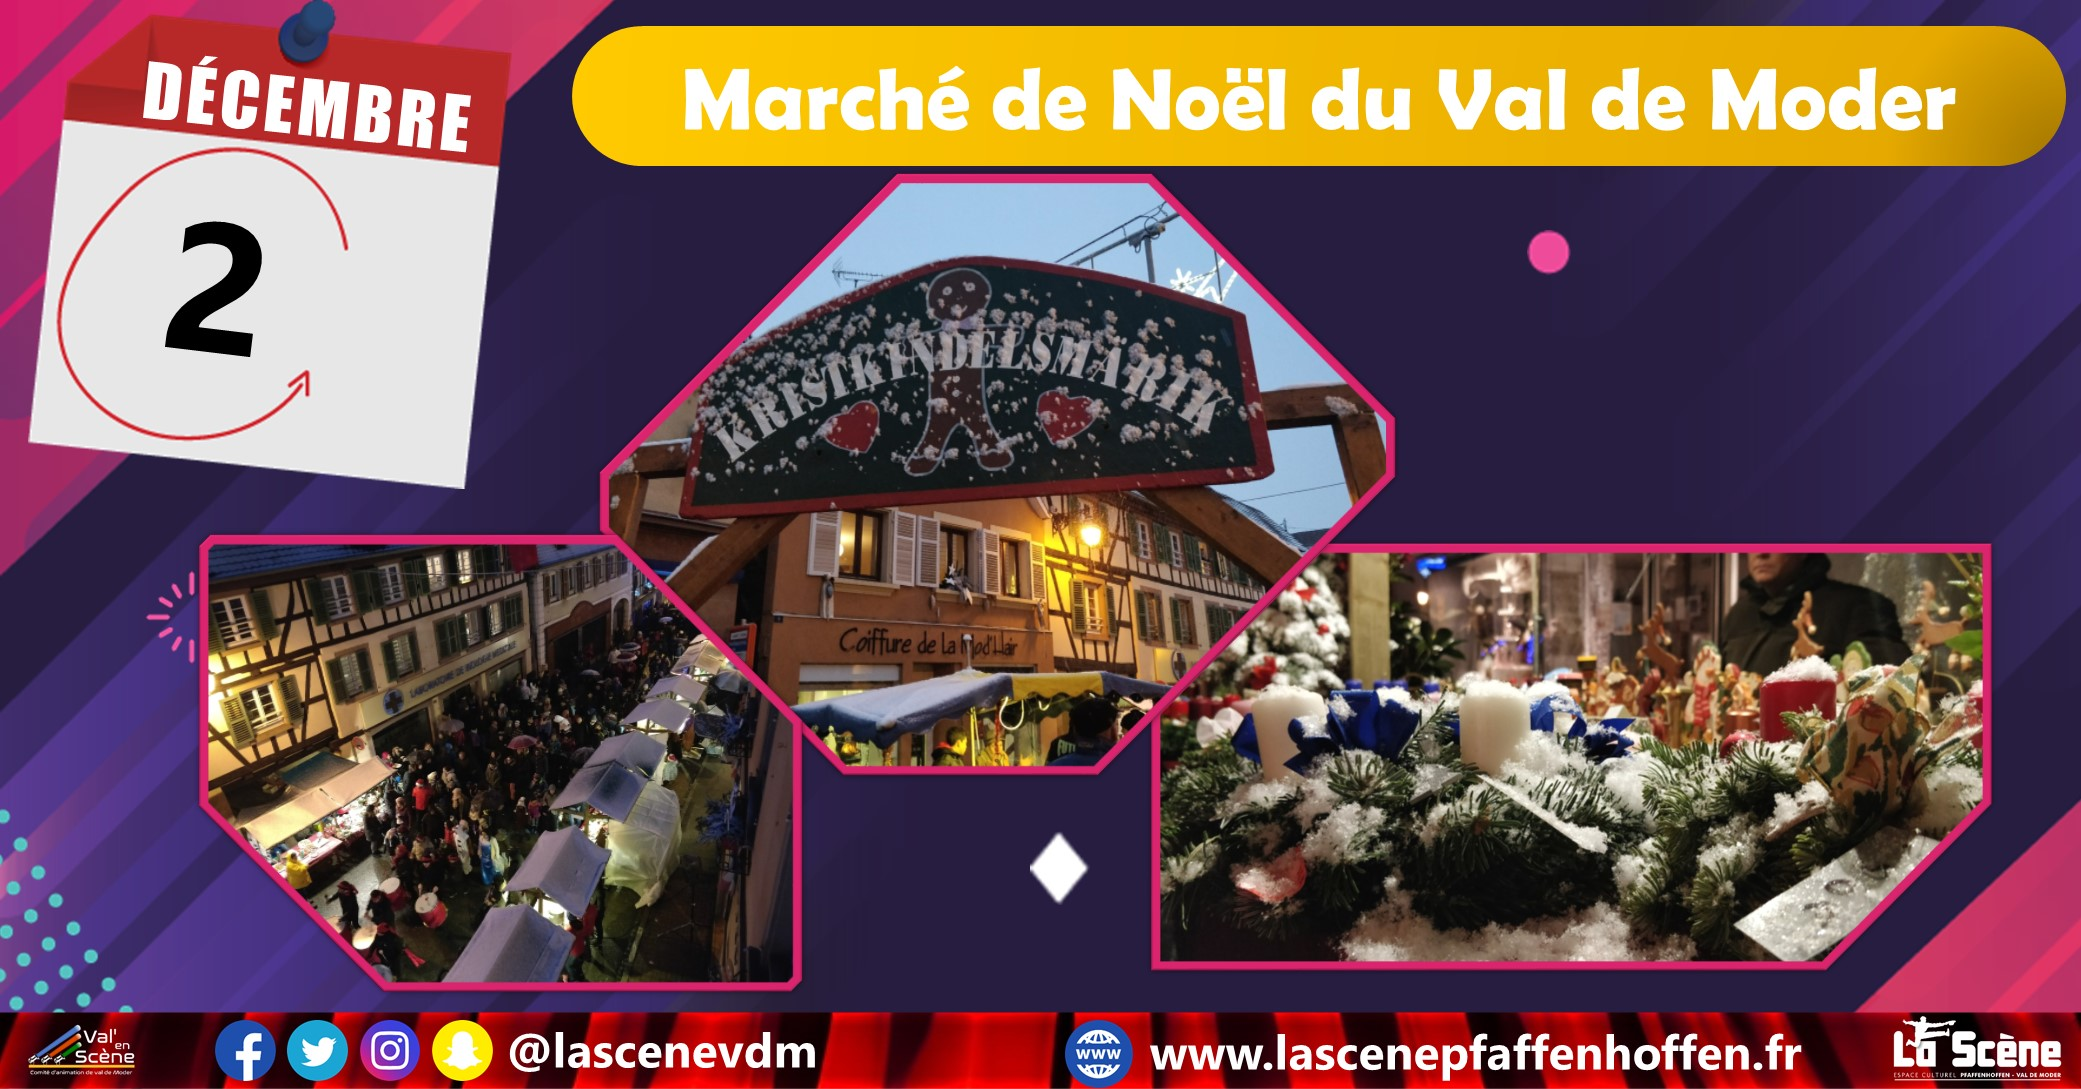 Marché de Noël du Val de Moder